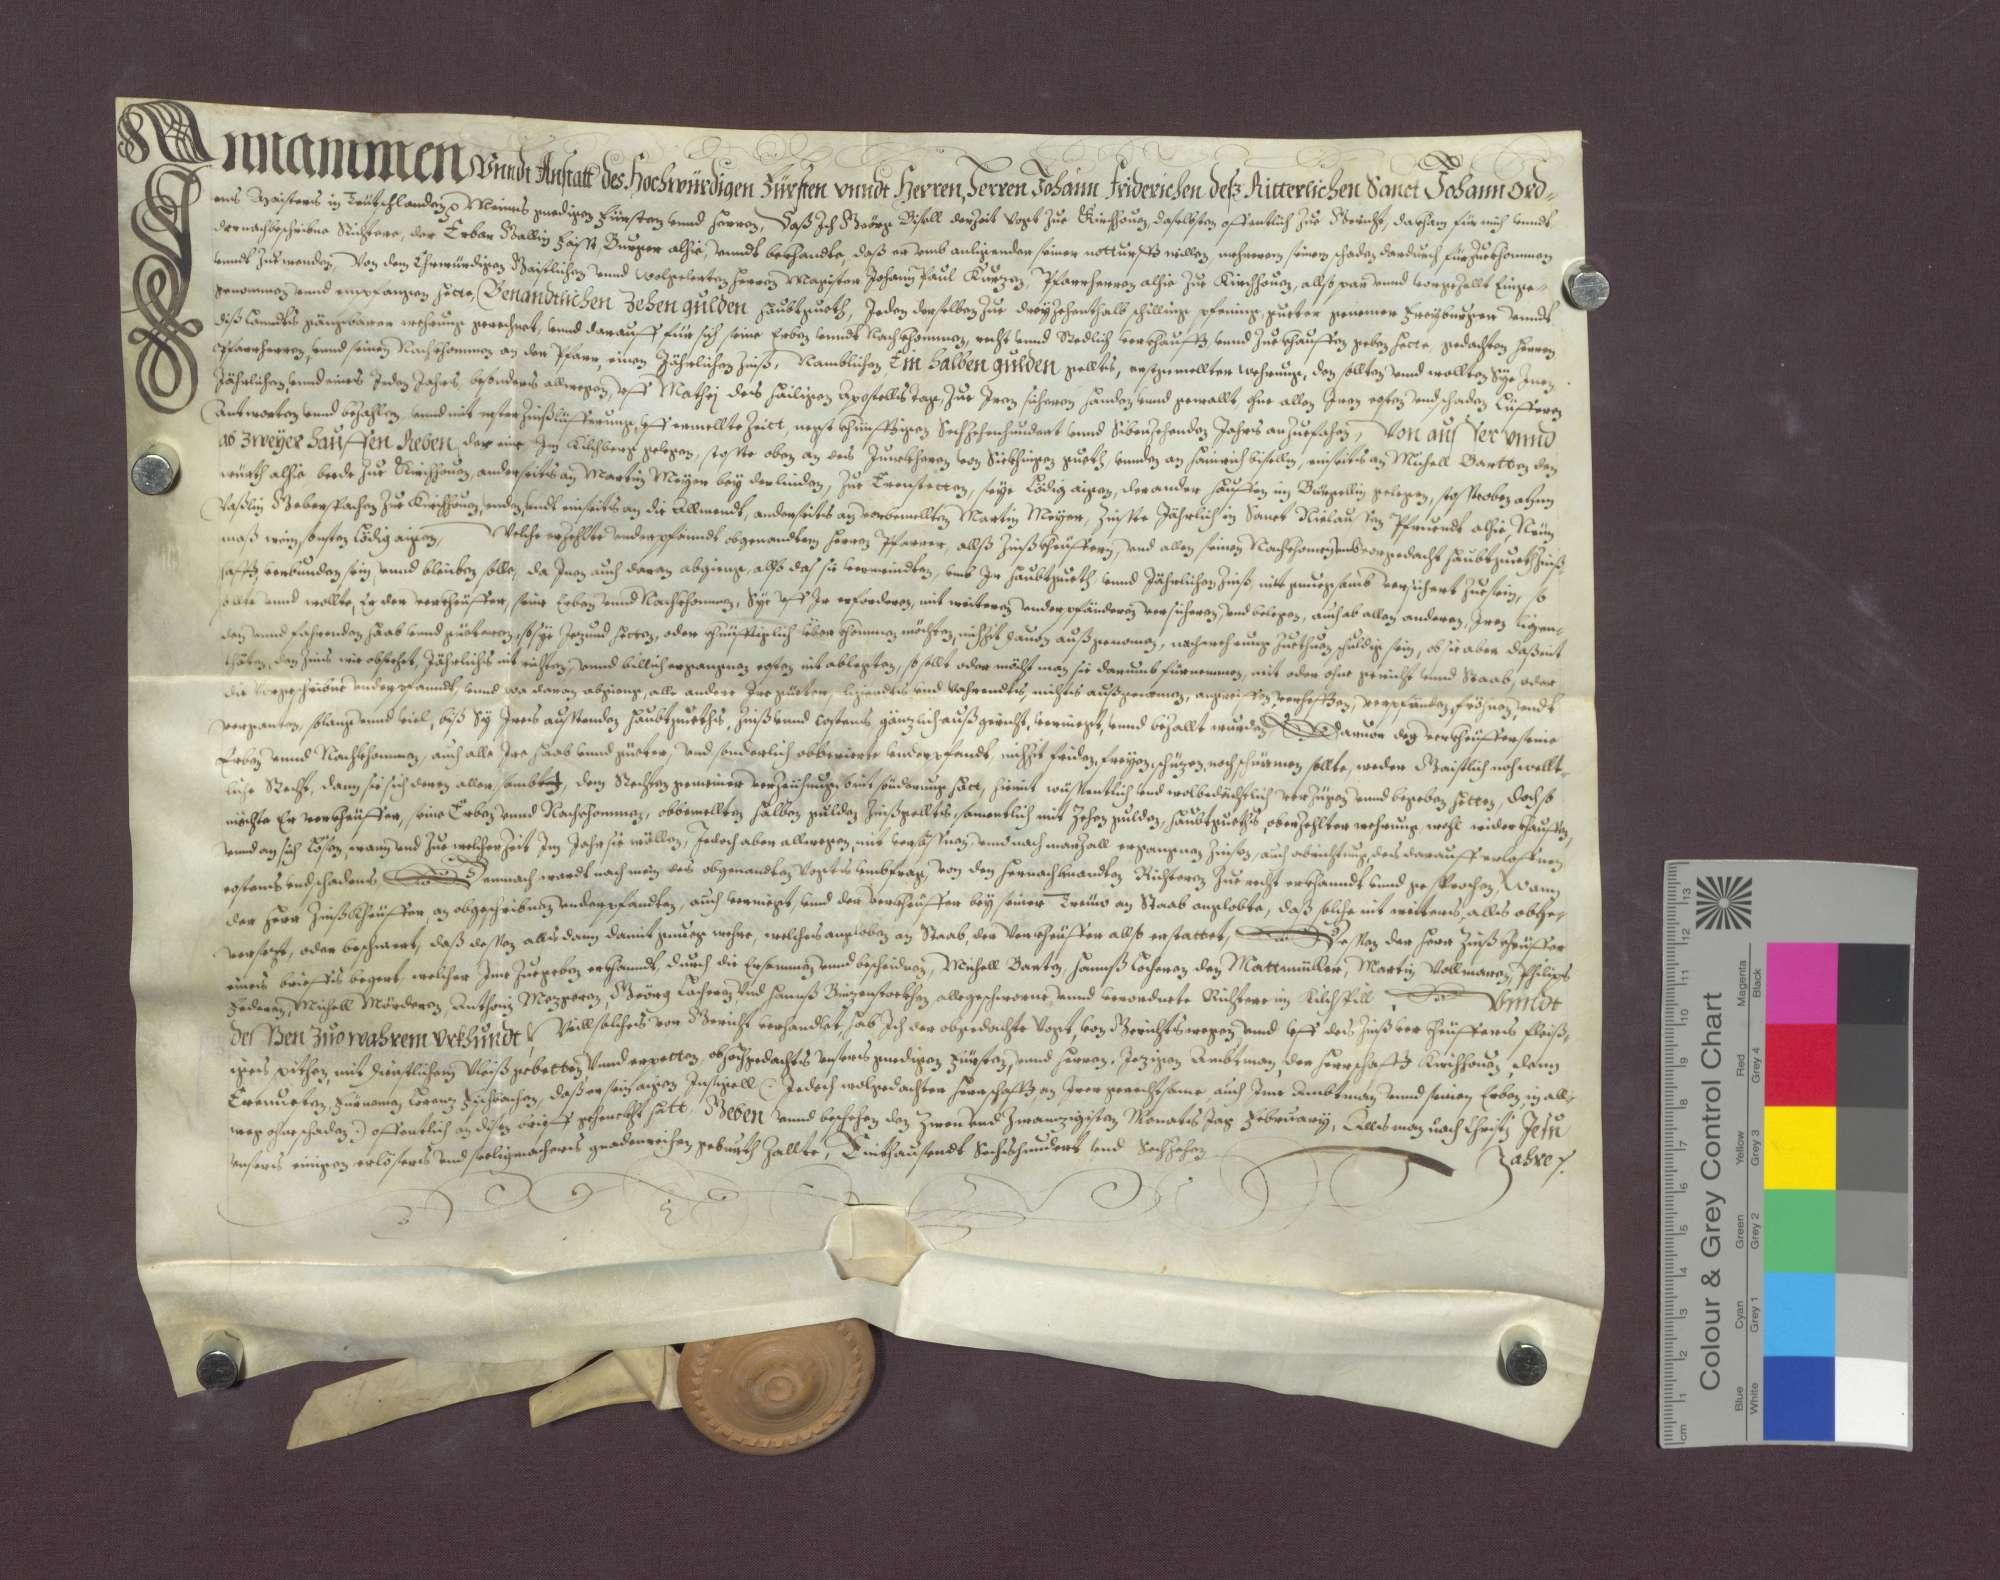 Schuldverschreibung des Gäclin Faist zu Kirchhofen gegenüber der Pfarrei daselbst., Bild 1